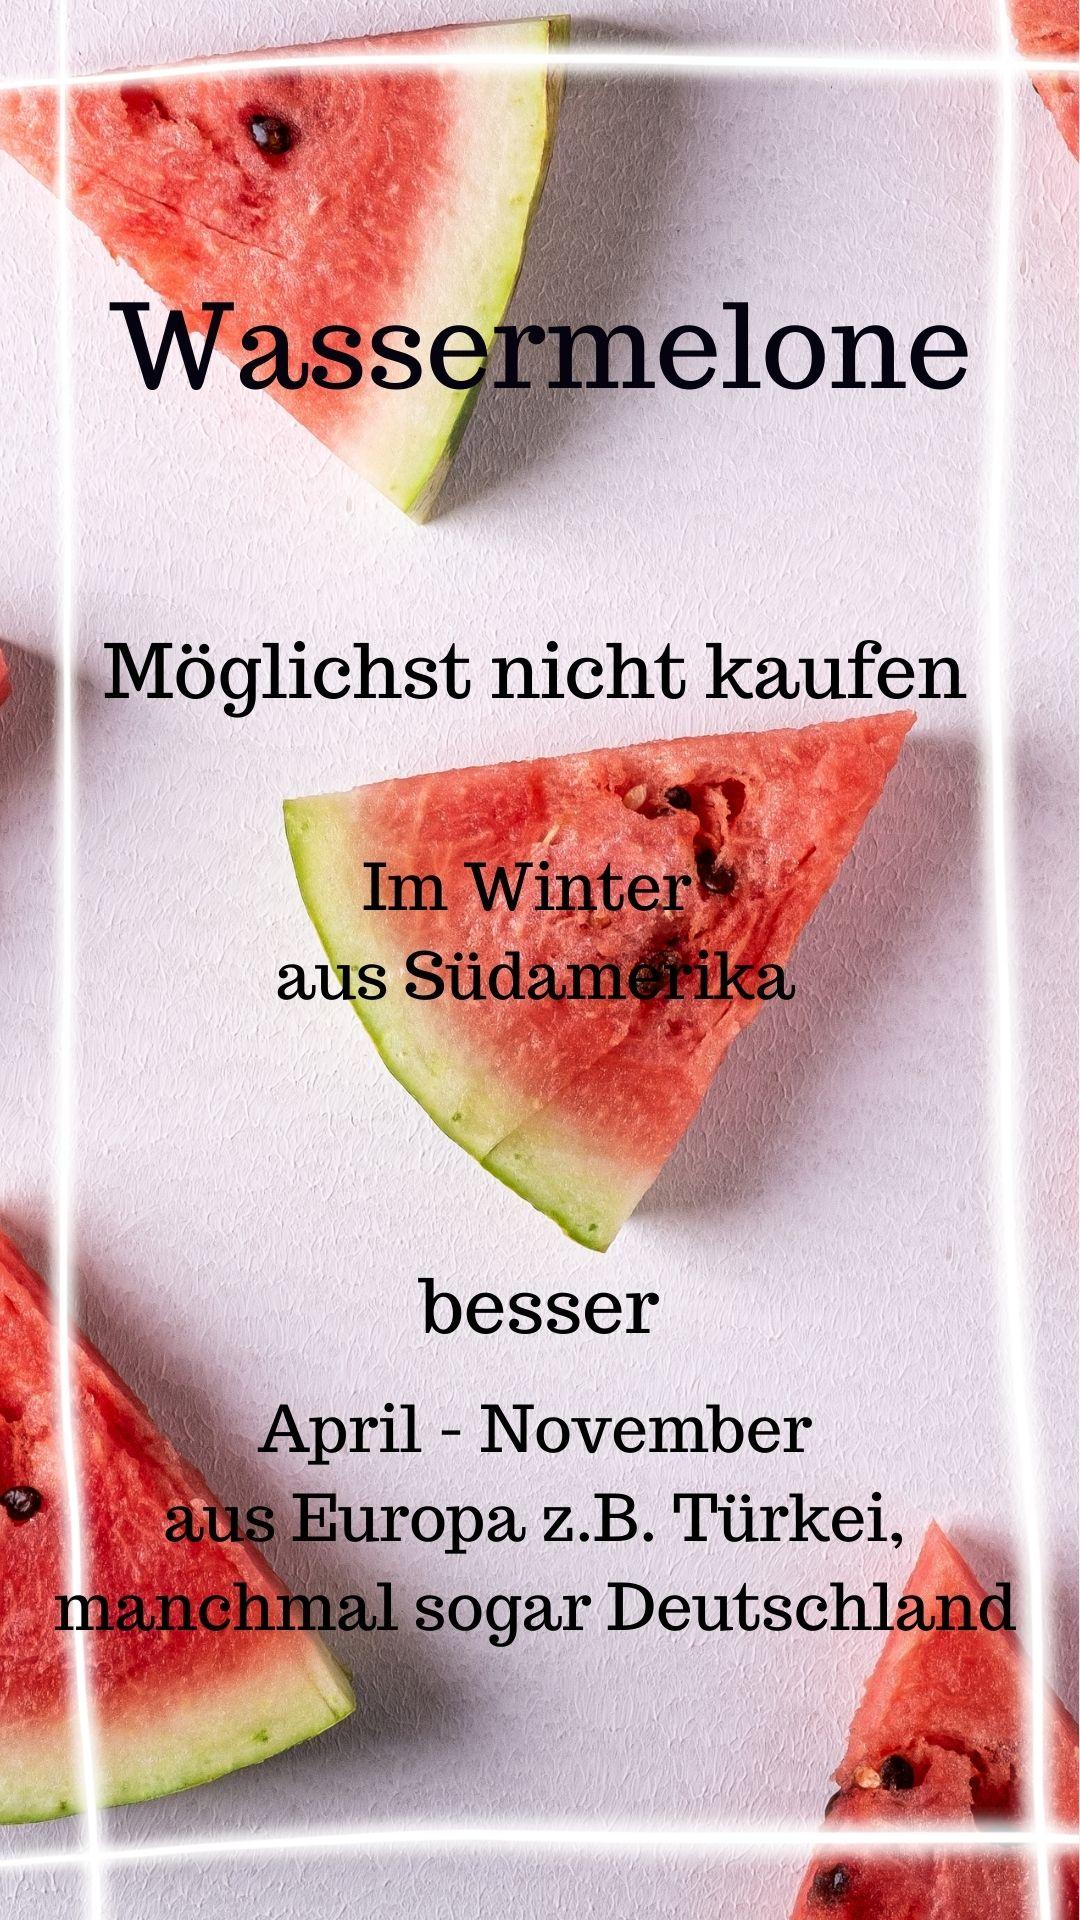 Saison Wassermelone April - November